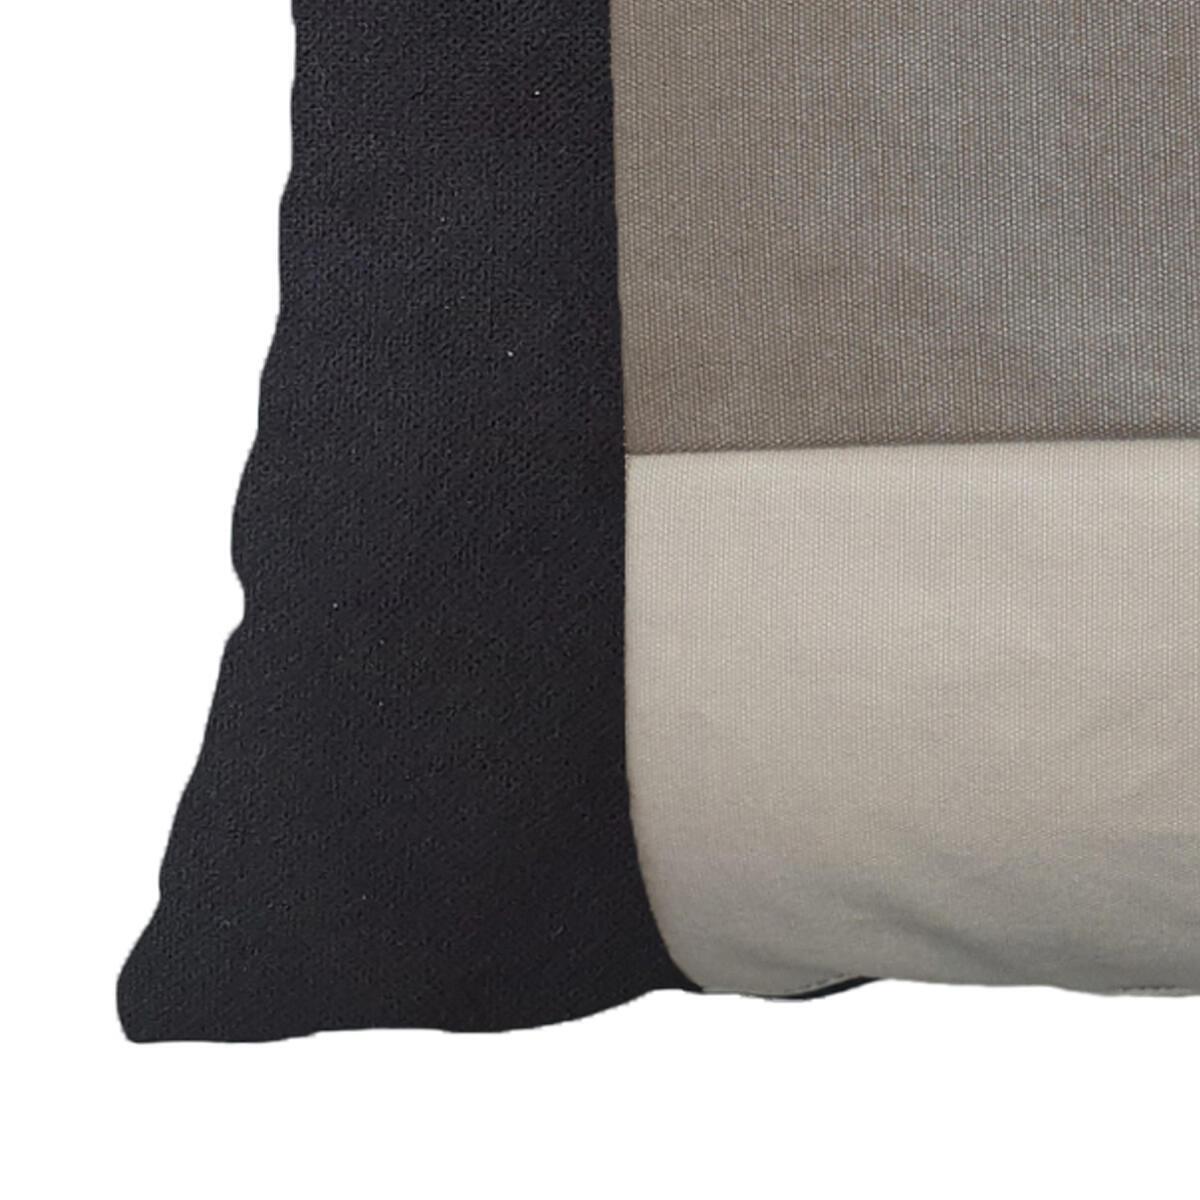 Cuscino Patch grigio 50x50 cm - 2